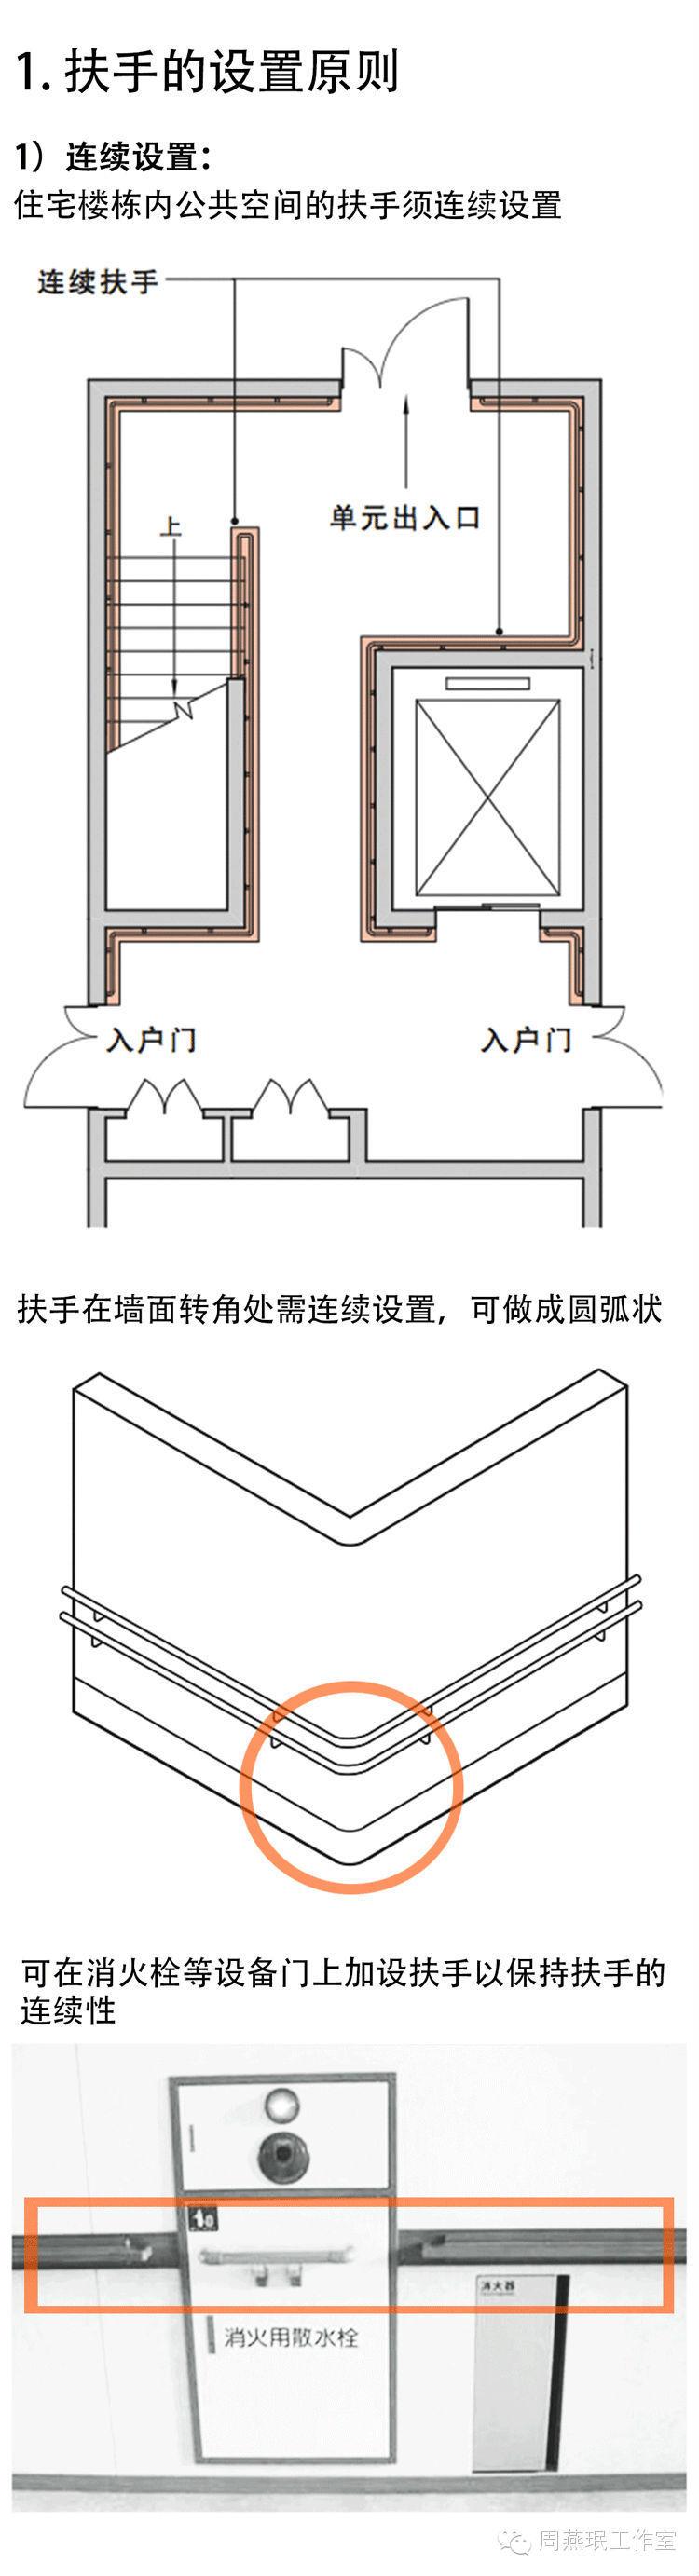 老年住宅设计的22个魔鬼细节